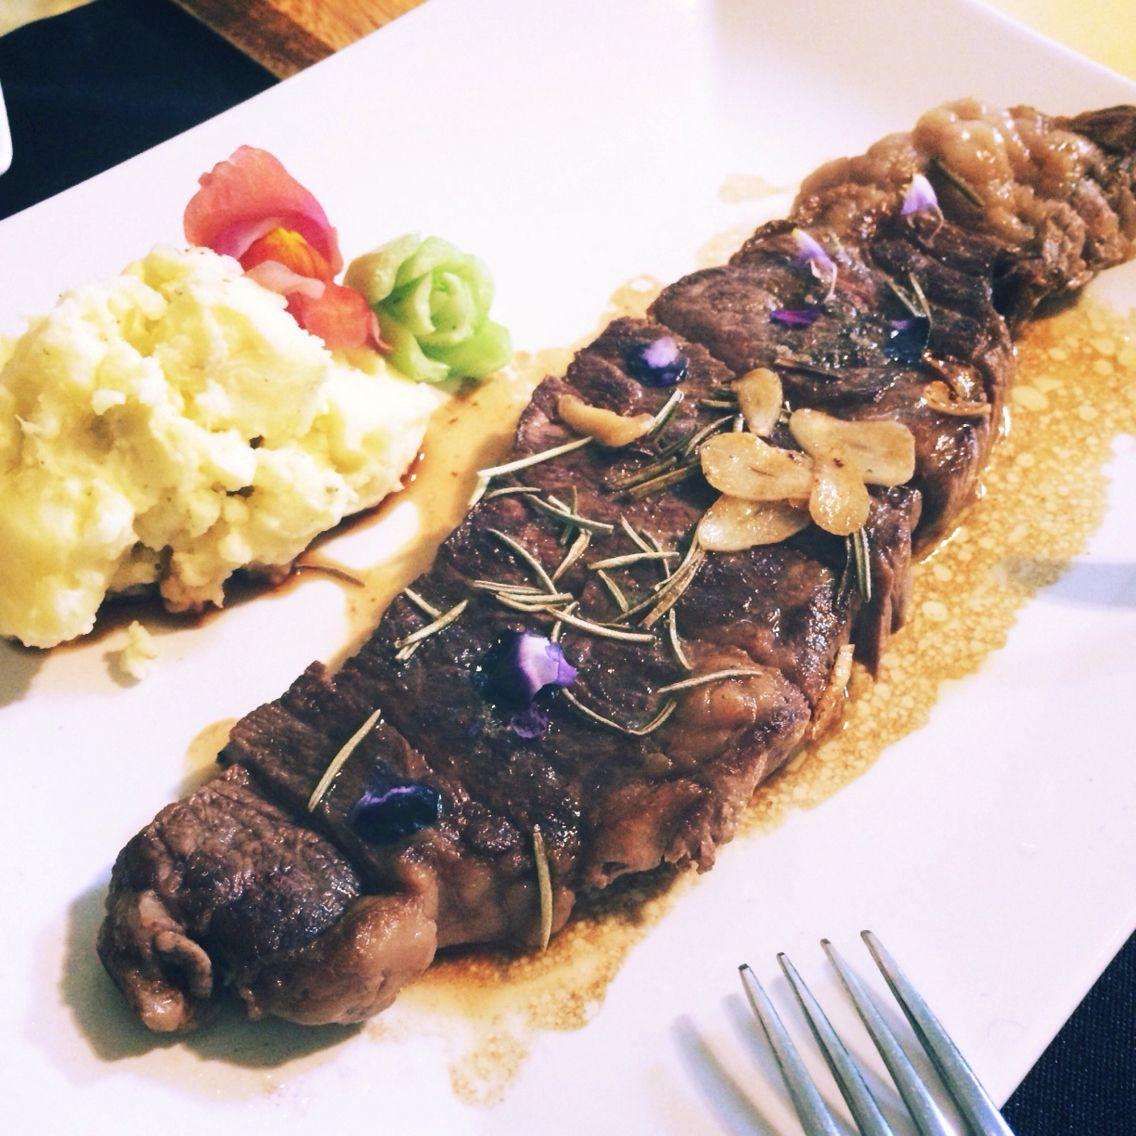 steak, purple edible flower